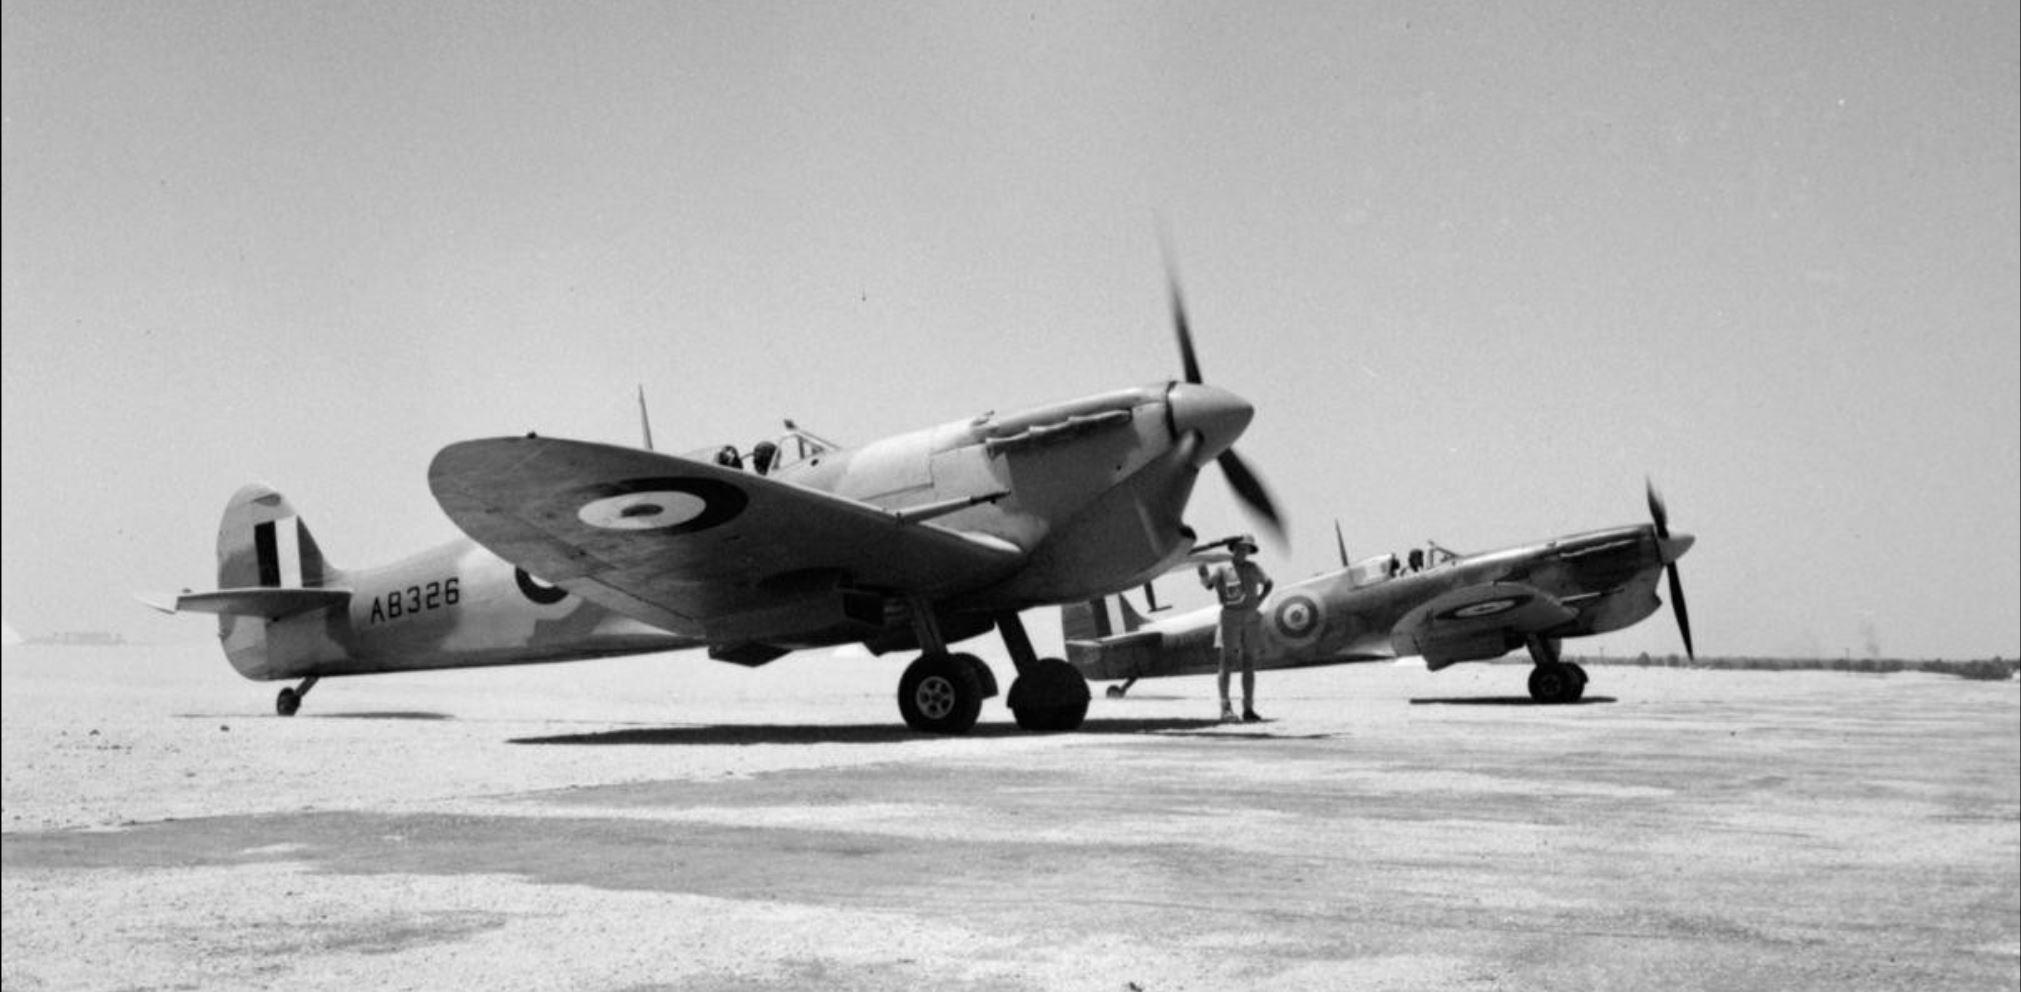 Spitfire MkVbTrop RAF 145Sqn AB326 and AB345 at Helwan Egypt May 1942 IWM CM2856a